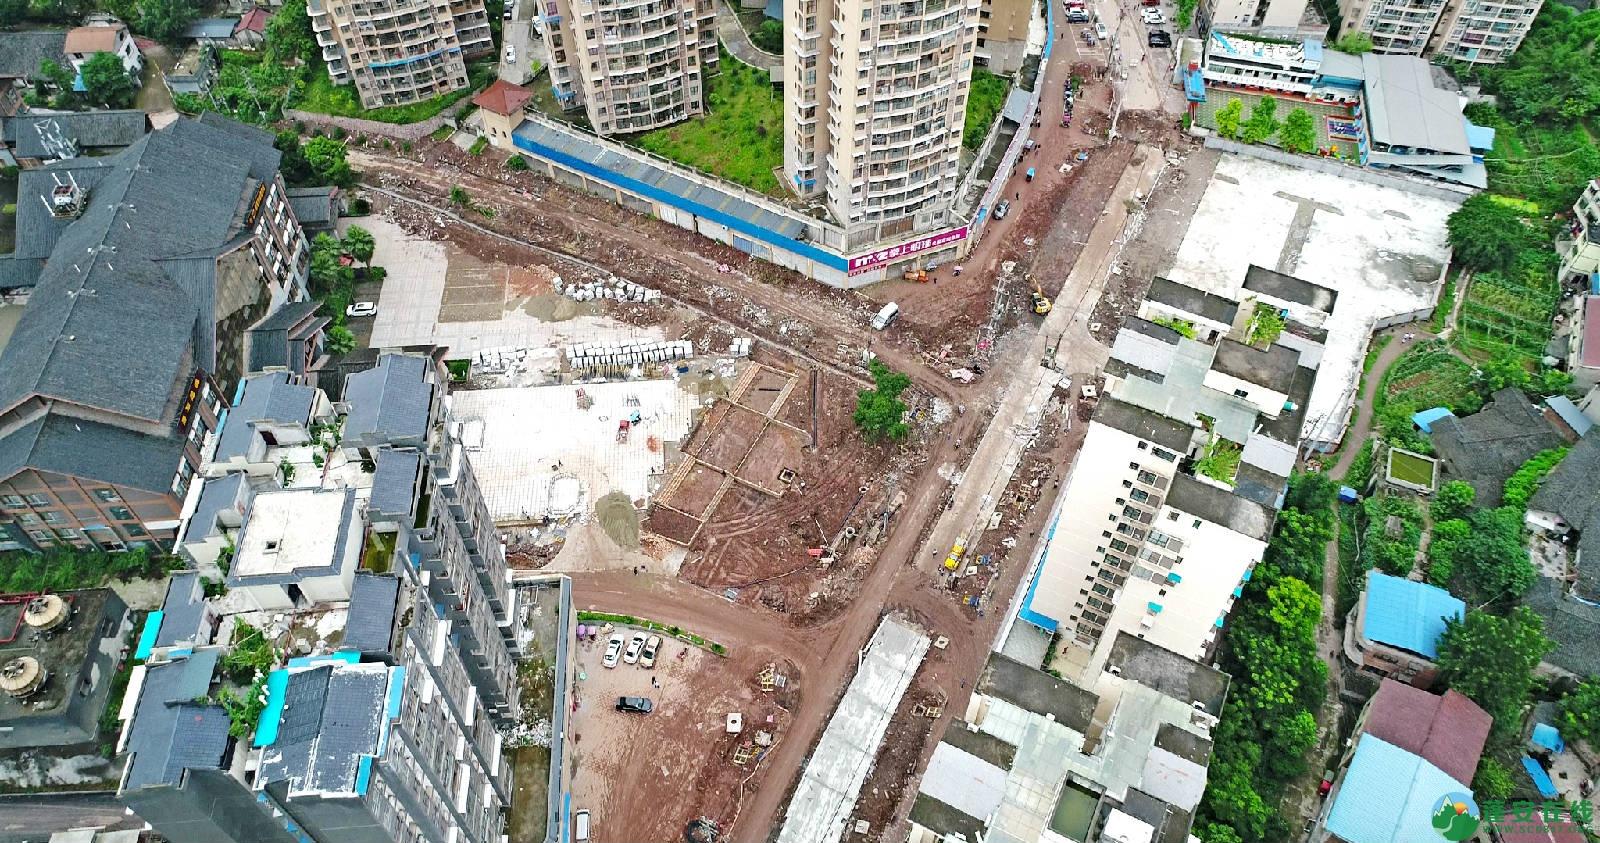 蓬安县嘉陵西路改建工程进展(2019-06-16) - 第1张  | 蓬安在线